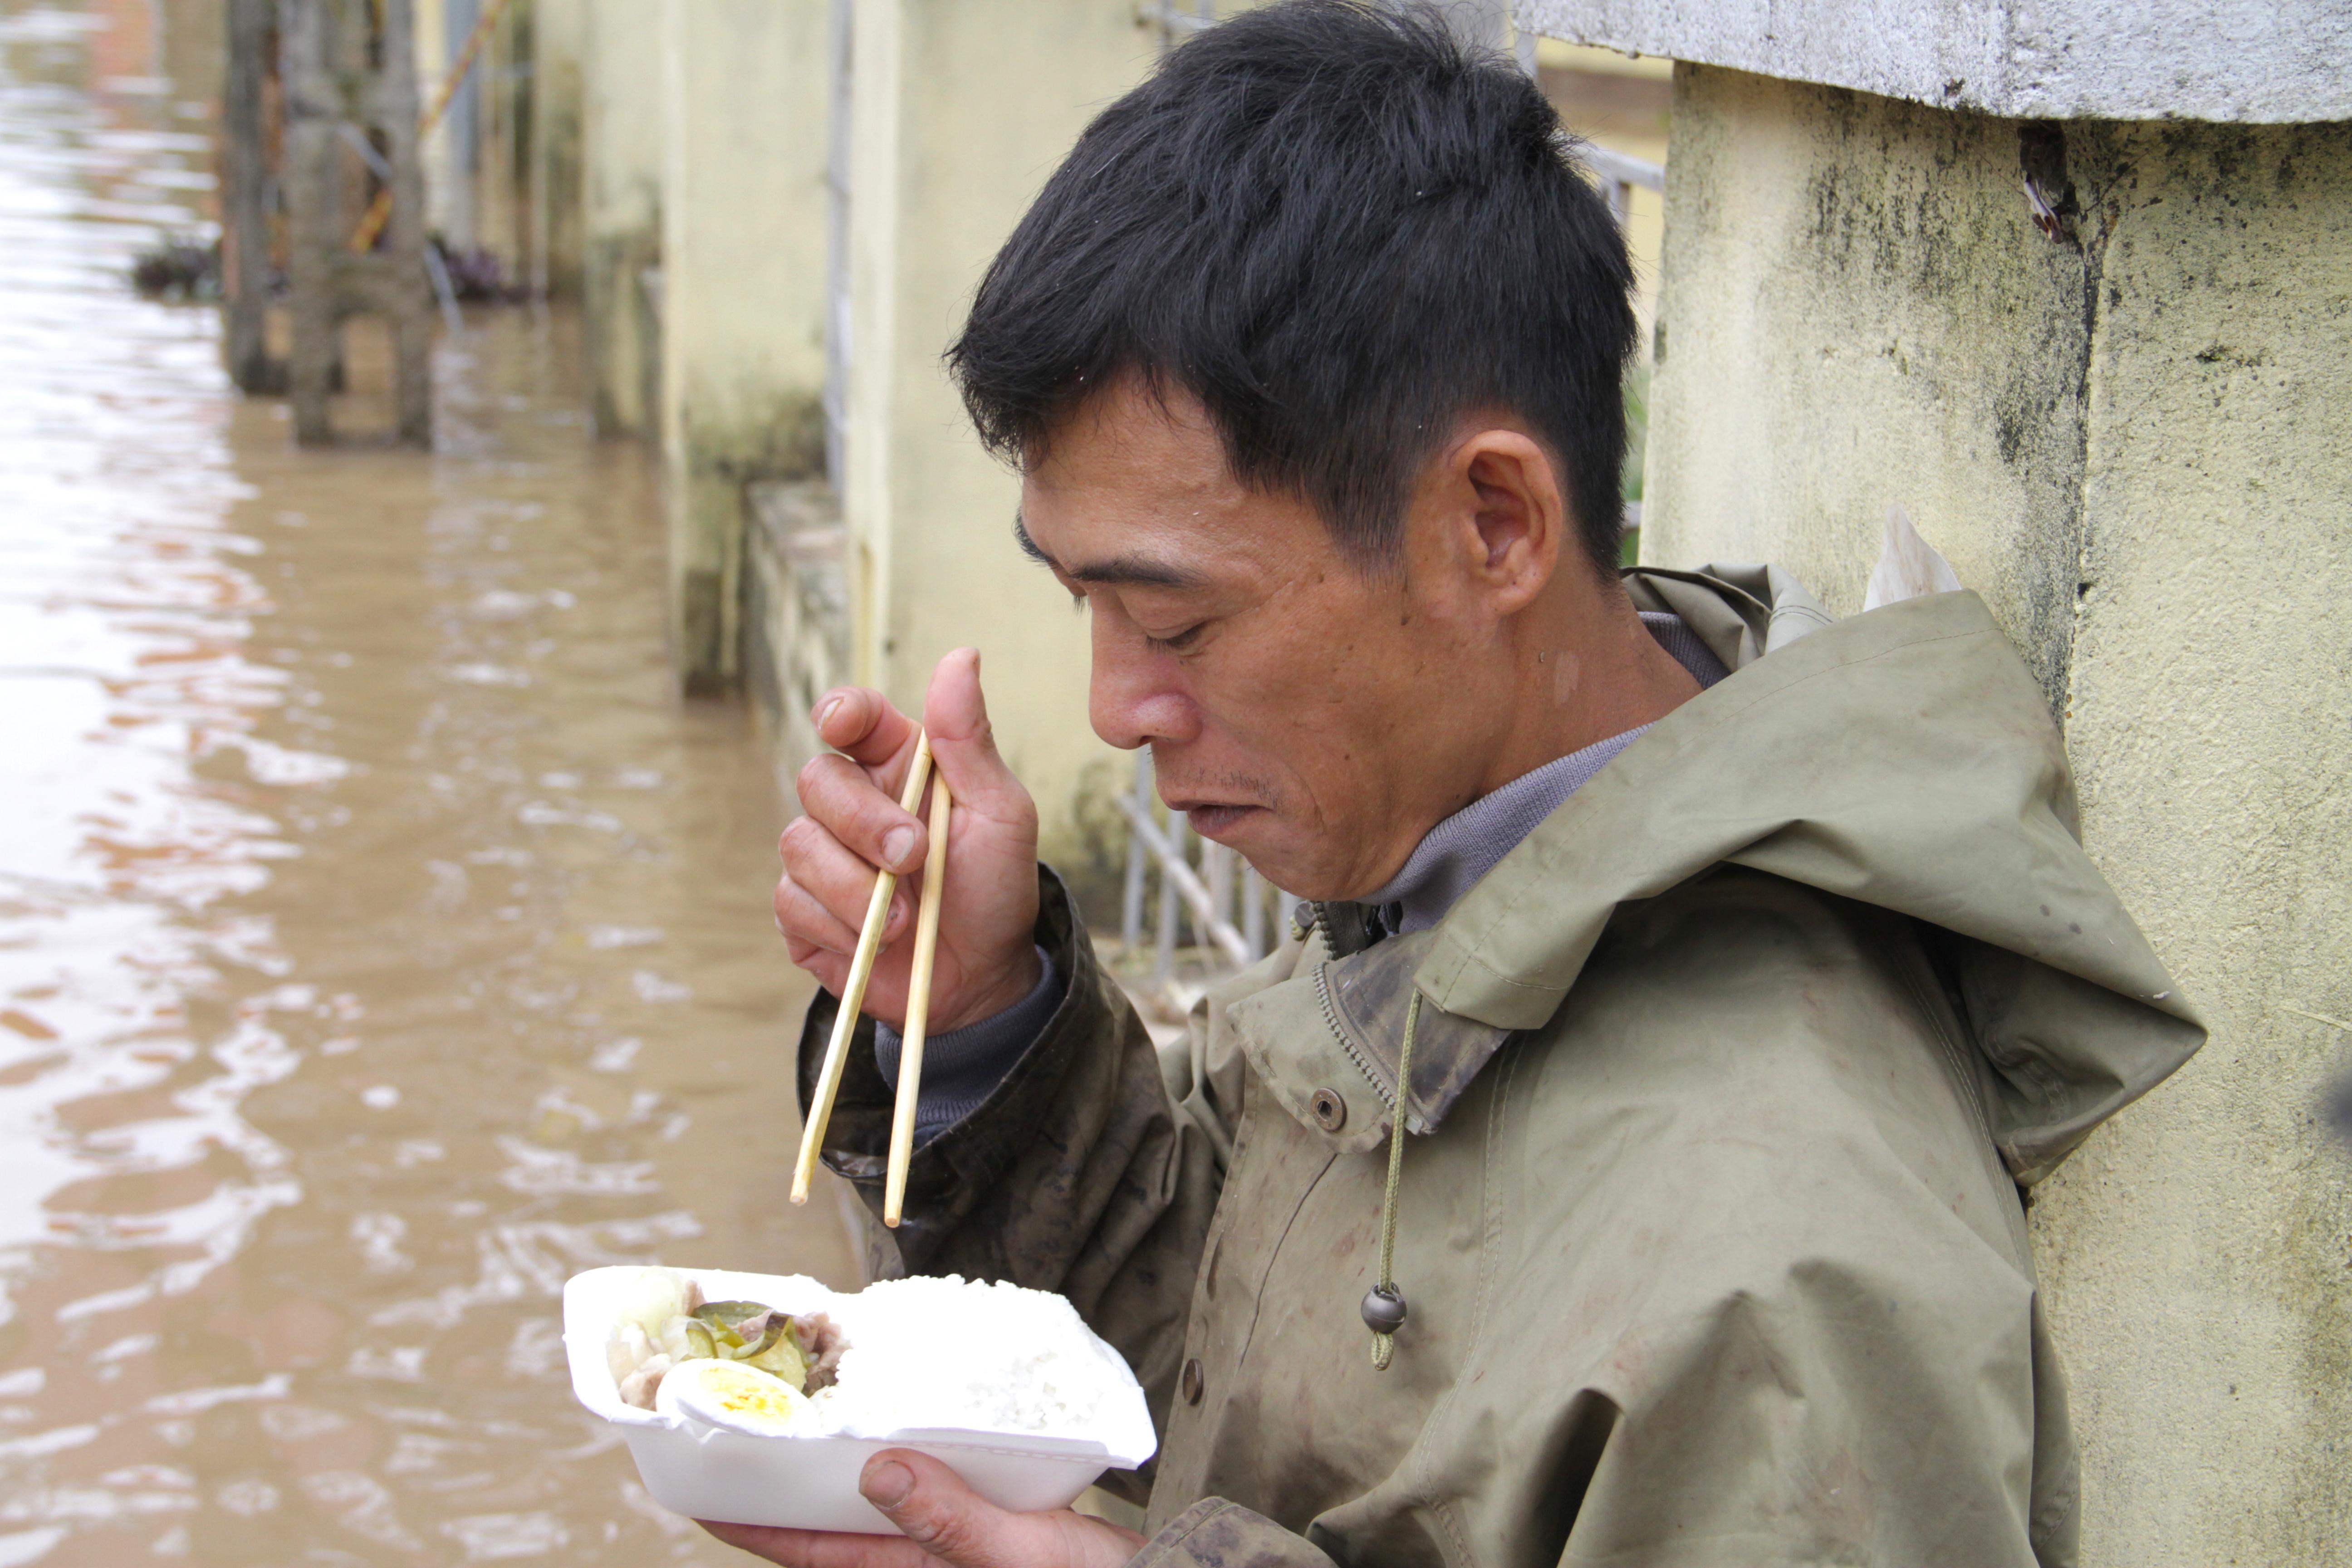 Đói quá, phải ăn vội miếng cơm để còn chở hàng vào cứu người dân - Ảnh 8.